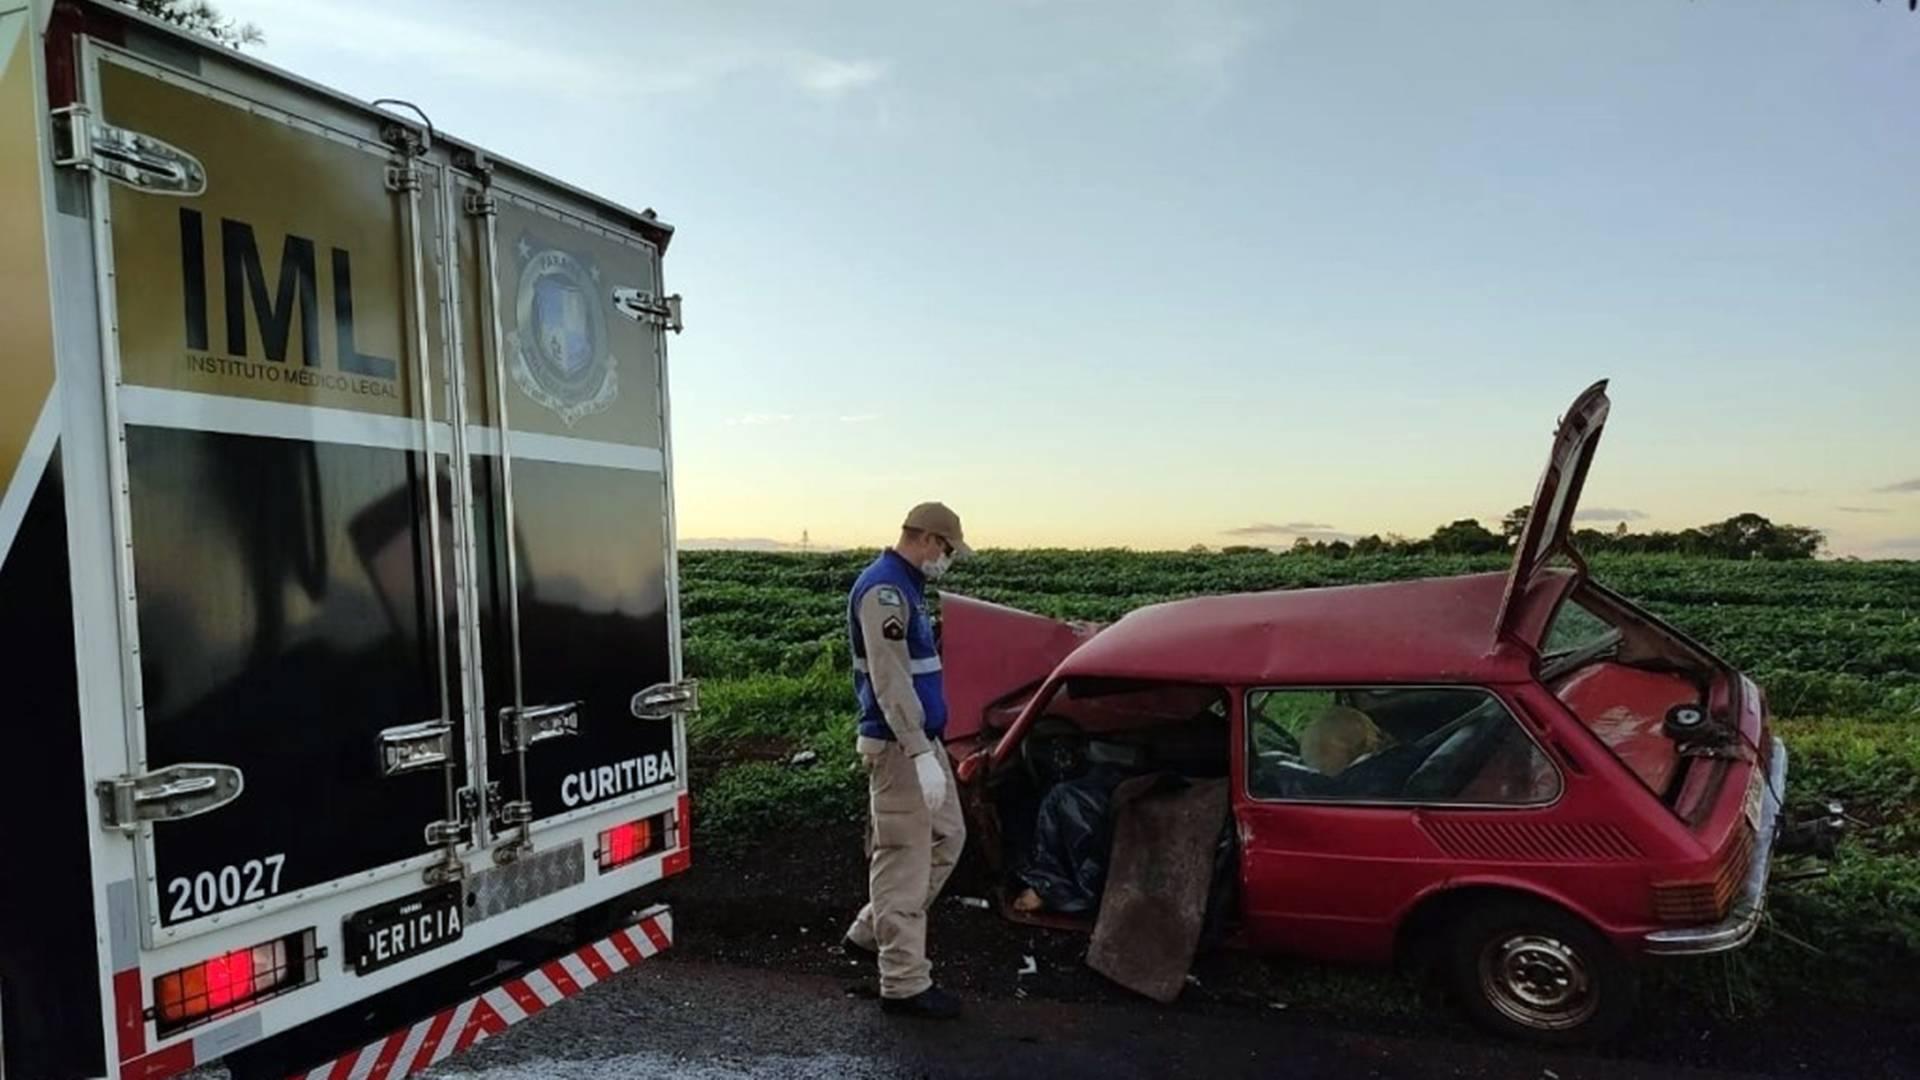 Homem de 30 anos morre em colisão entre carro e caminhão na manhã, em Toledo